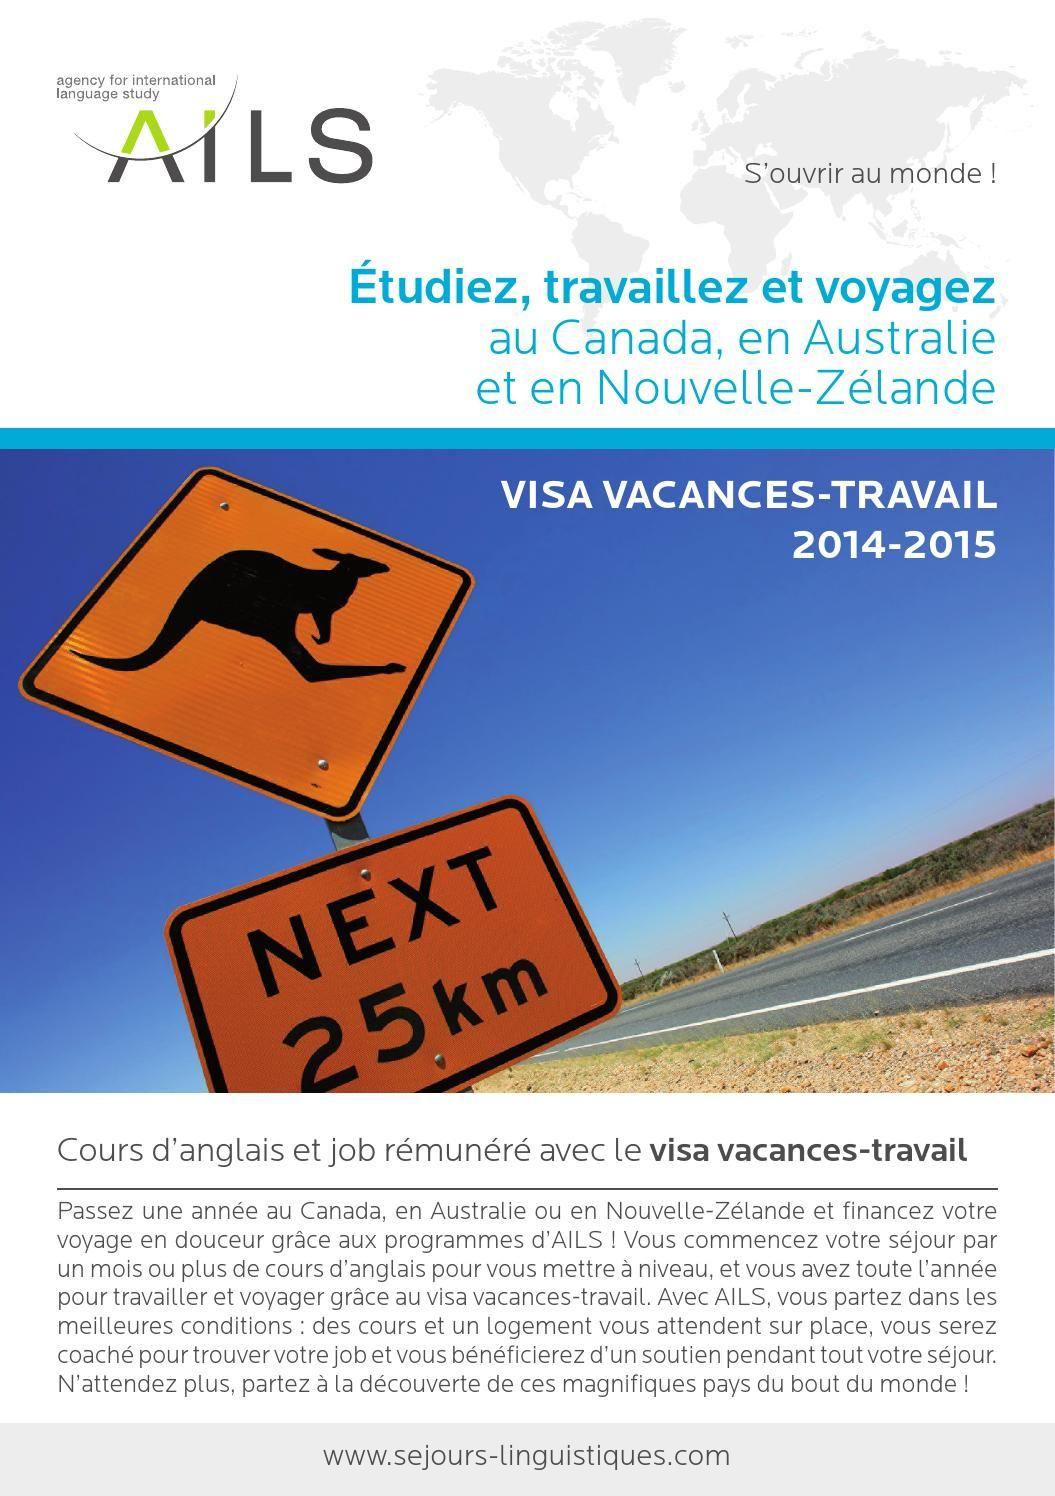 Etudiants et Adultes - Visa Vacances Travail - AILS 2014  Cours d'anglais et job. Étudiez, travaillez et voyagez au Canada, en Australie et en Nouvelle-Zélande.